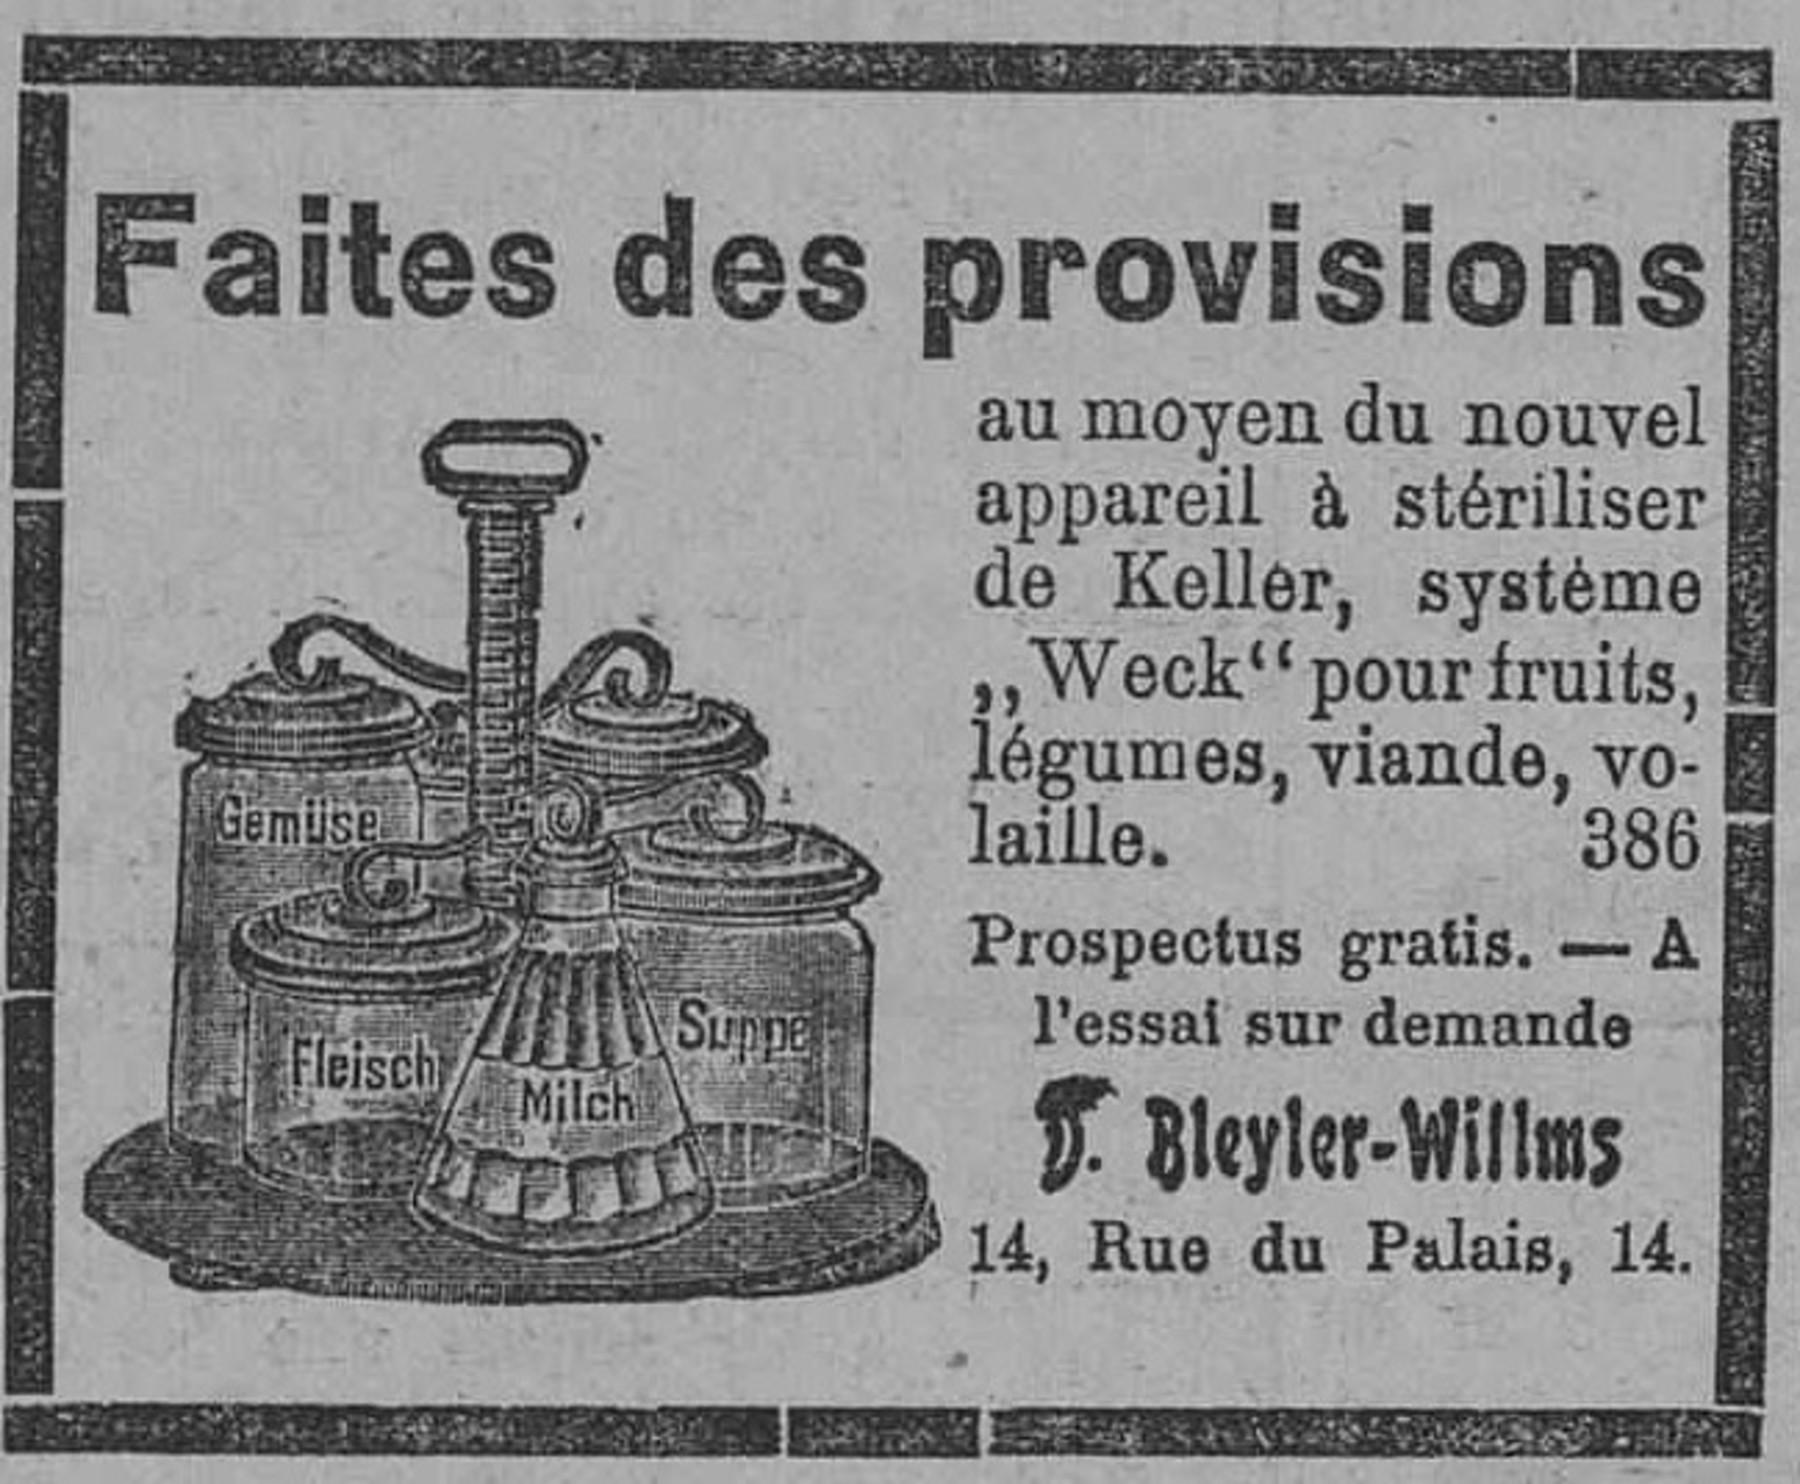 Contenu du Nouvel appareil à stériliser de Keller, système «Weck» pour fruits, légumes, viande, volaille